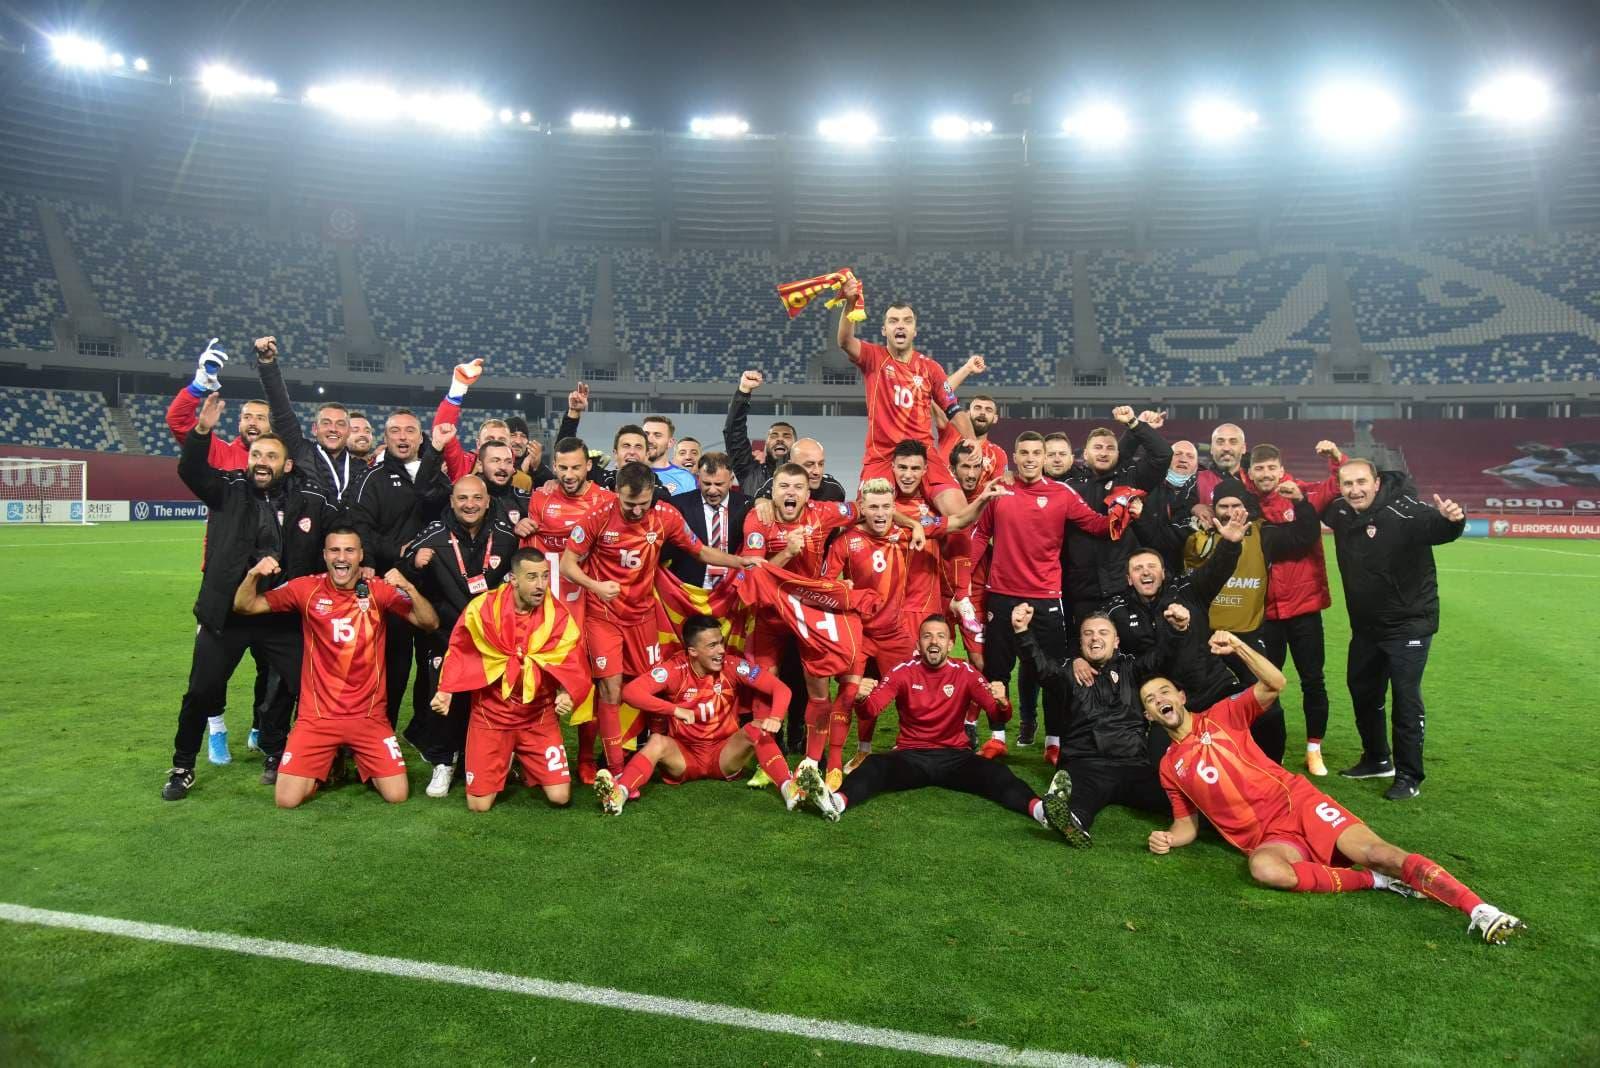 Football macédonien | LA MACÉDOINE SE QUALIFIE POUR L'EURO 2020 !!! (Vidéo) - Euro 2020